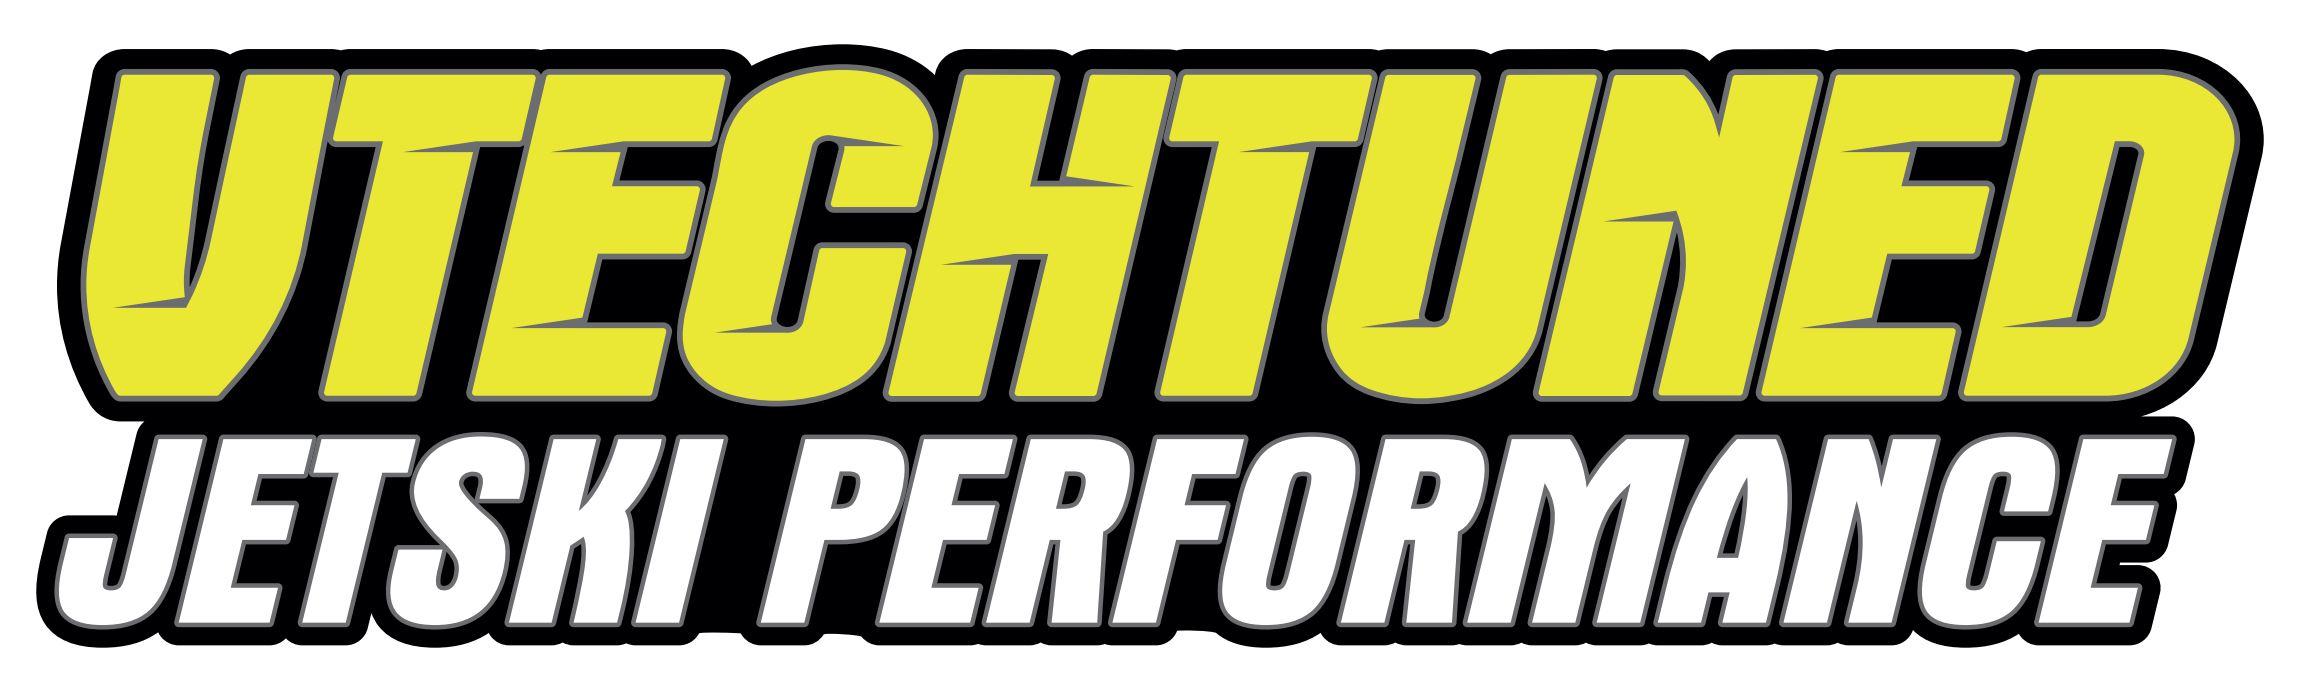 VtechTuned Jetski Performance Logo